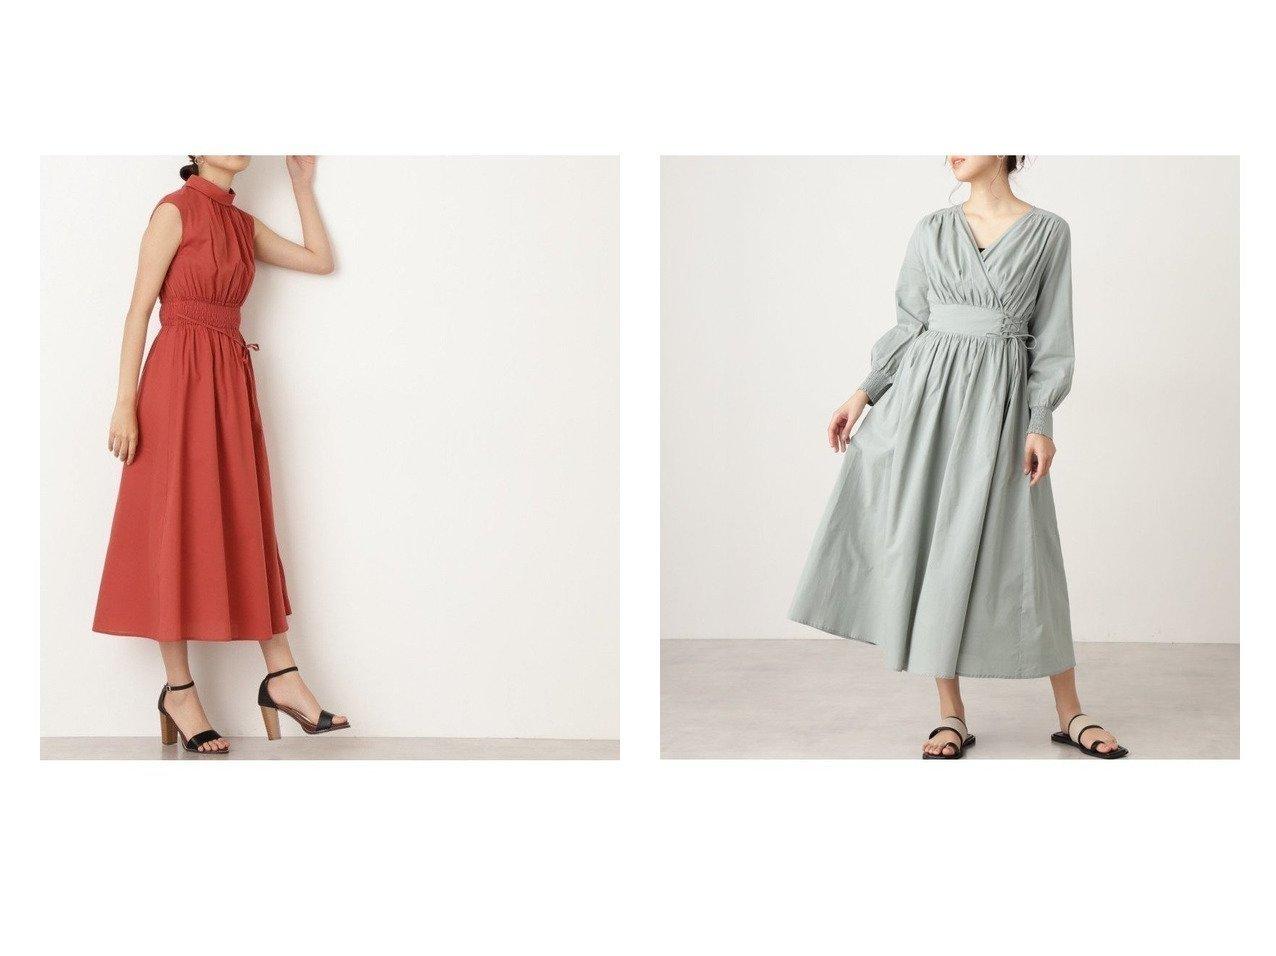 【N.Natural Beauty basic/エヌ ナチュラルビューティーベーシック】のコットンローンカシュレースアップワンピース&コットンローンロールネックワンピース S Size Line 【ワンピース・ドレス】おすすめ!人気、トレンド・レディースファッションの通販  おすすめで人気の流行・トレンド、ファッションの通販商品 メンズファッション・キッズファッション・インテリア・家具・レディースファッション・服の通販 founy(ファニー) https://founy.com/ ファッション Fashion レディースファッション WOMEN ワンピース Dress ギャザー シャーリング リボン カシュクール フィット |ID:crp329100000032193